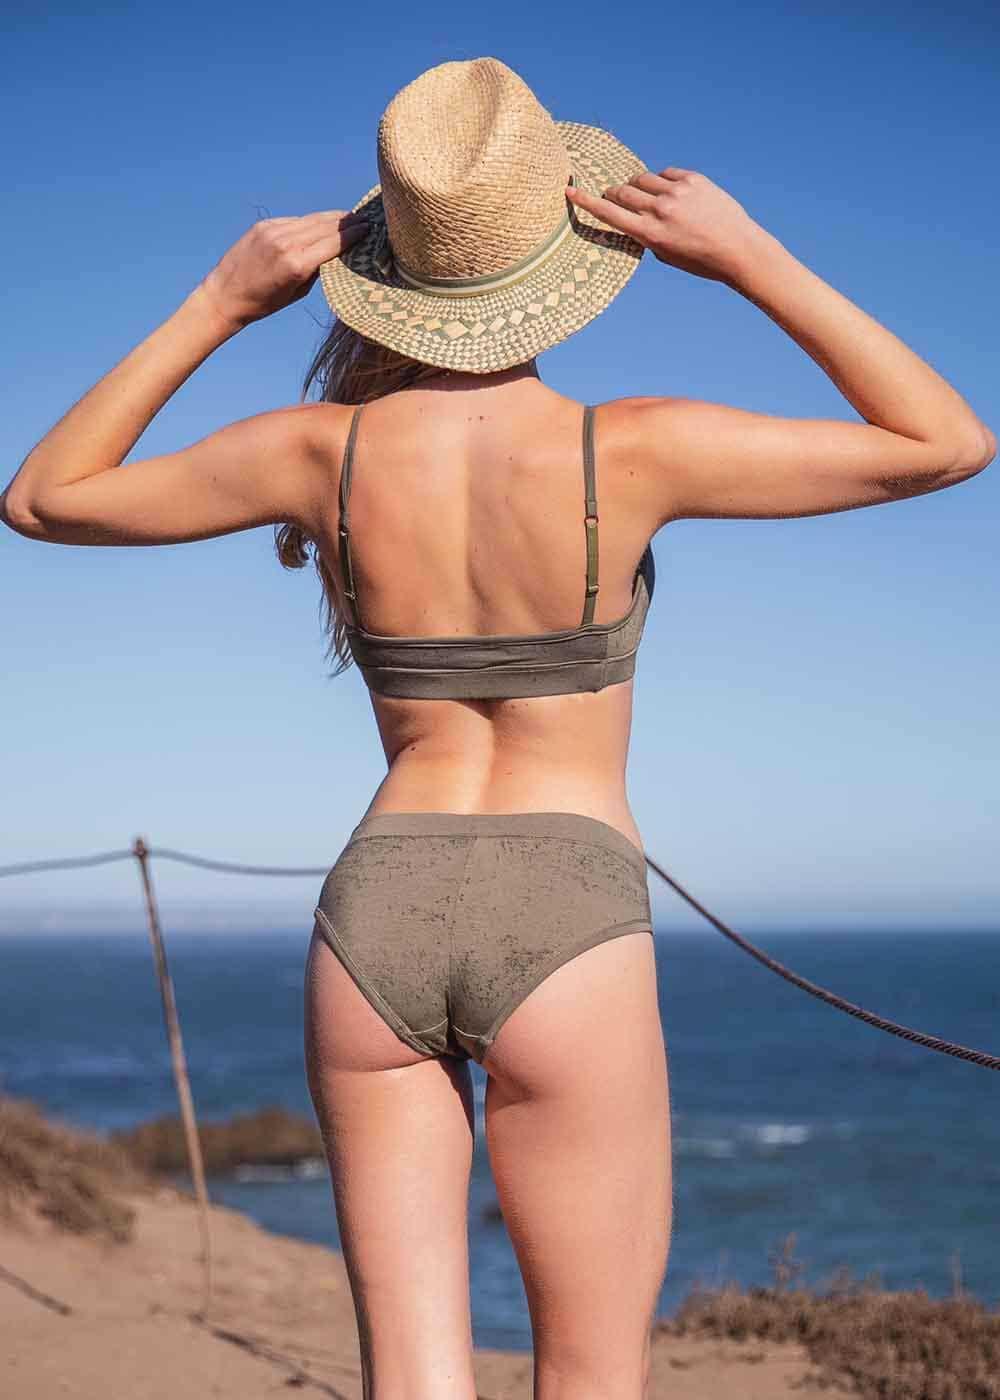 Aviva Underwear hemp and organic cotton underwear by Nomads Hemp Wear